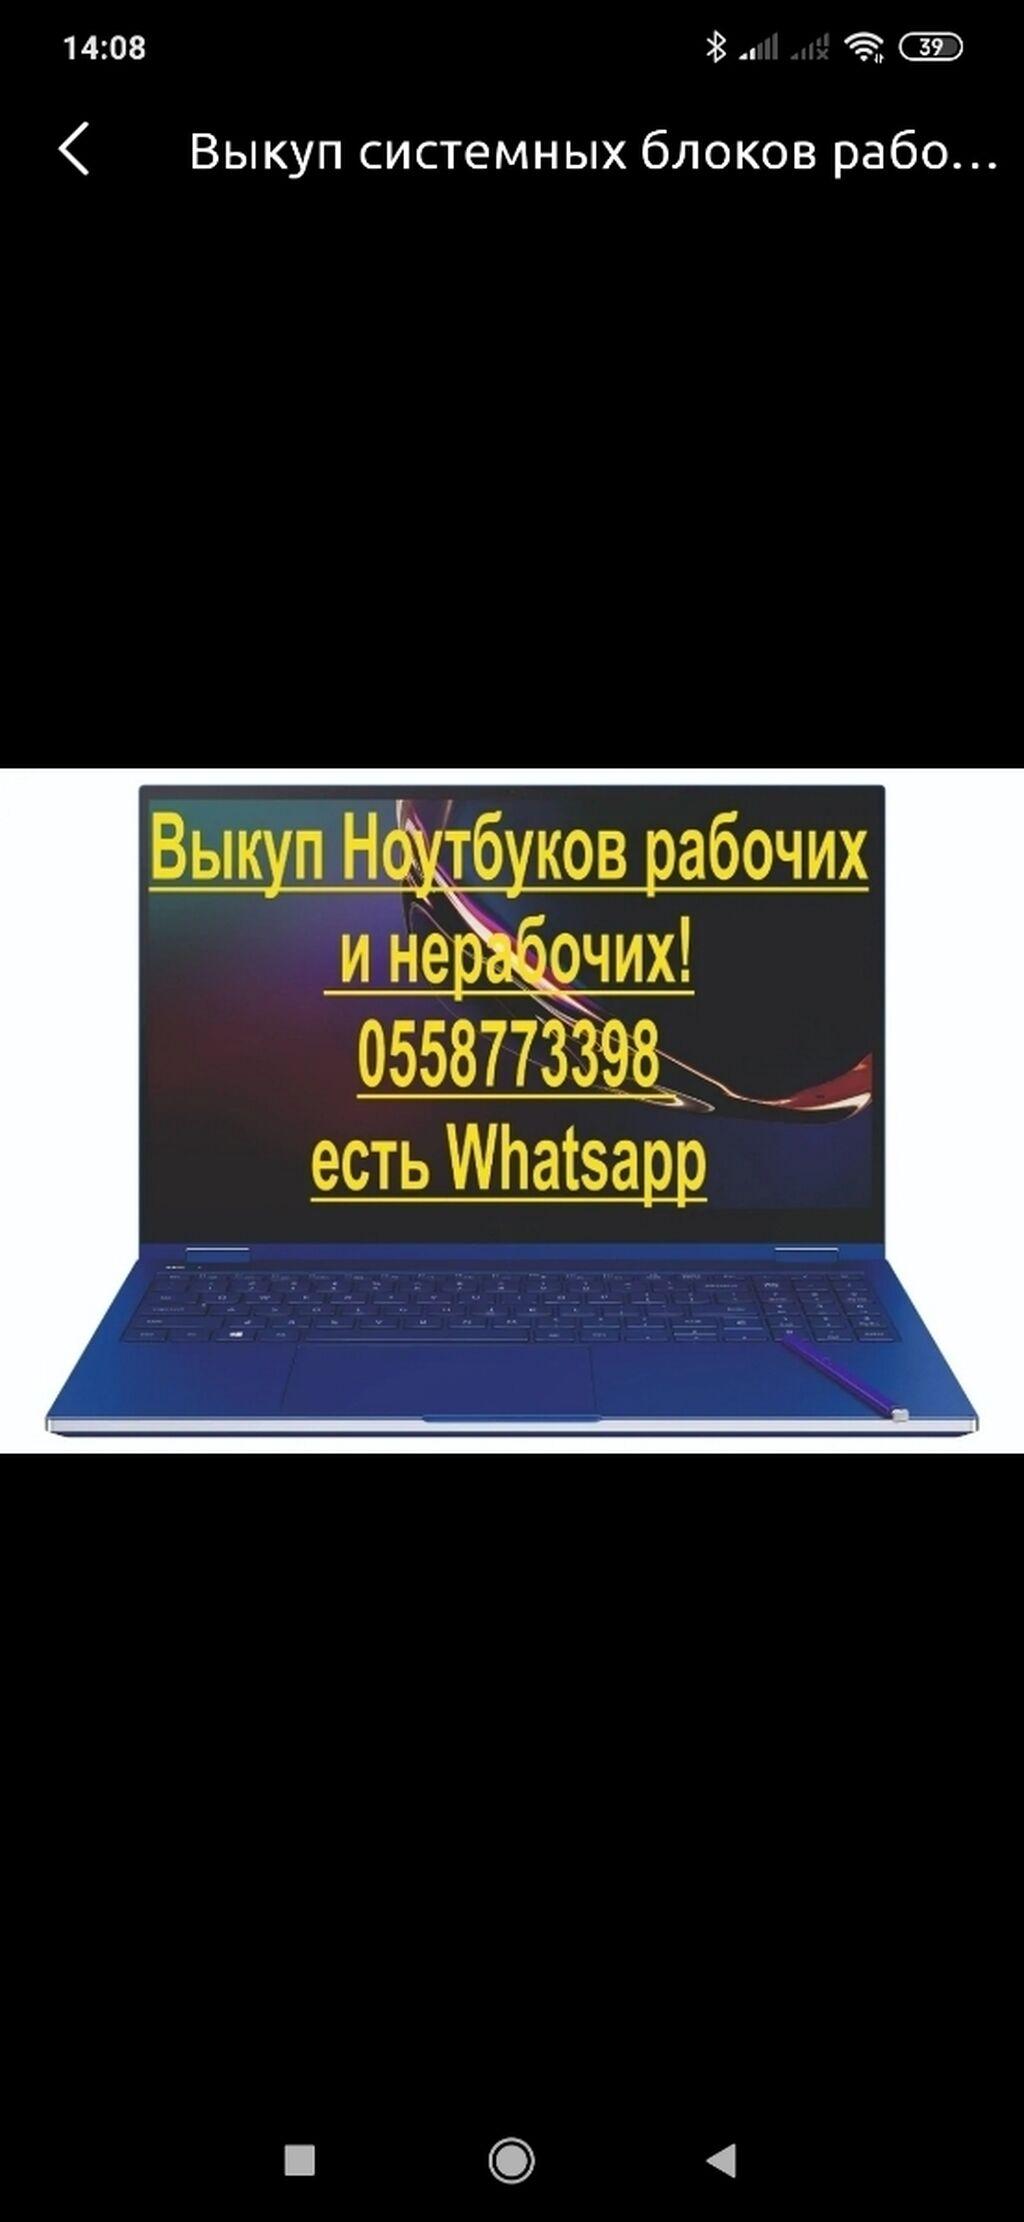 Скупка комптютеров ноутбуков Бишкек: Скупка комптютеров ноутбуков Бишкек